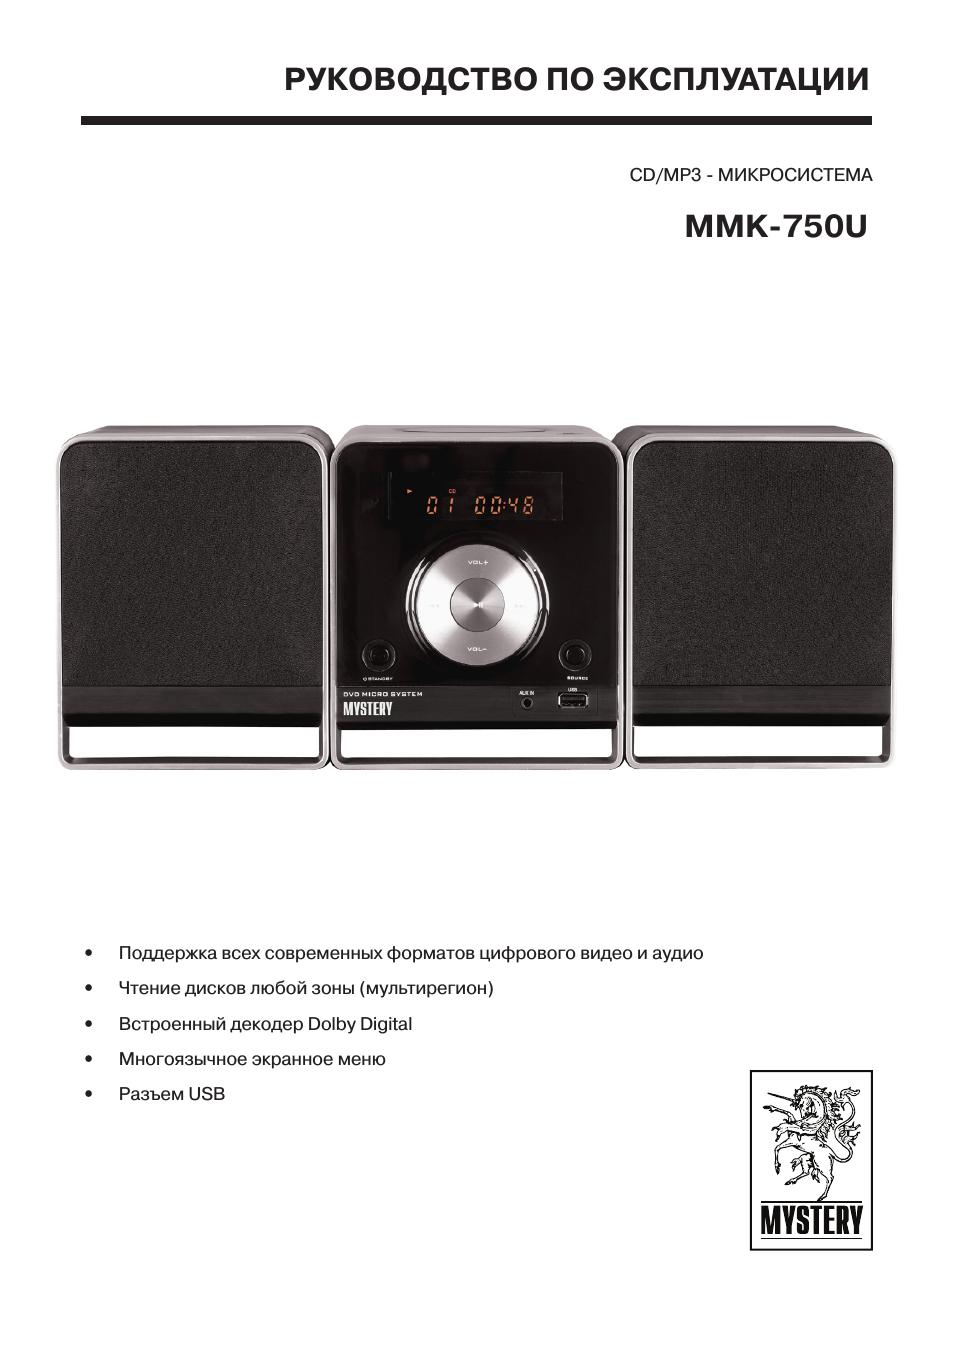 Поддержка всех современных форматов цифрового видео и аудио.